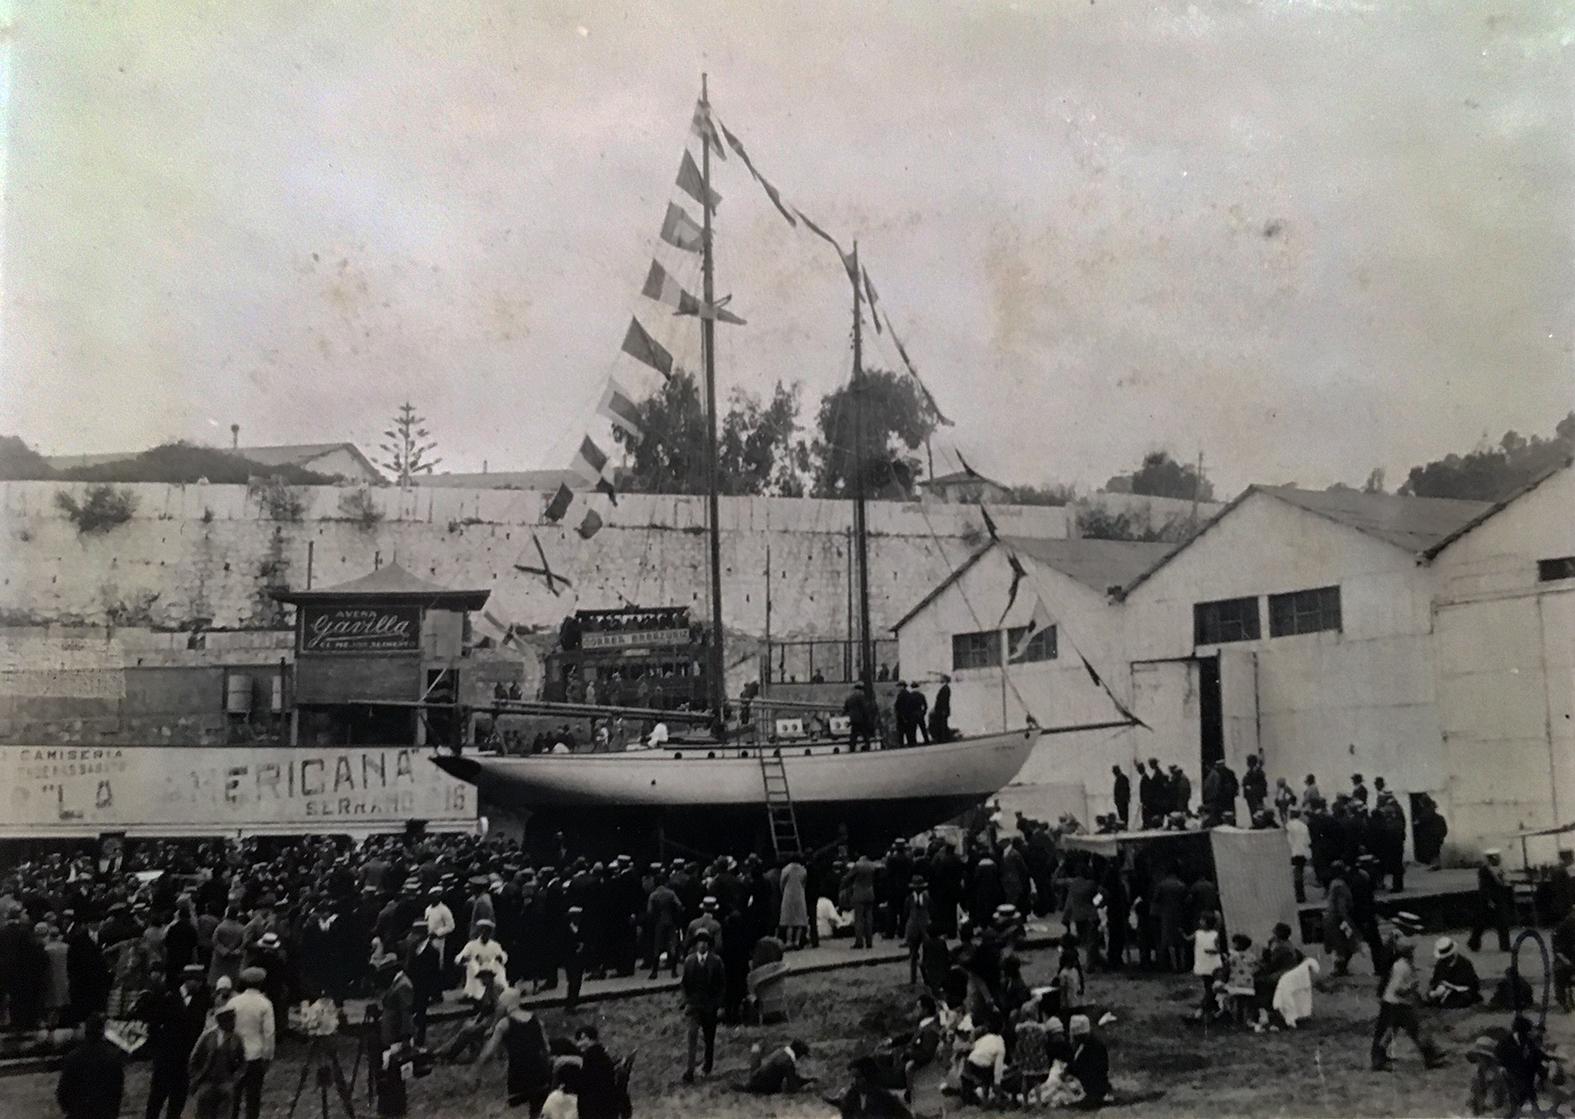 Enterreno - Fotos históricas de chile - fotos antiguas de Chile - Lanzamiento de Yate Quivolgo, años 20s